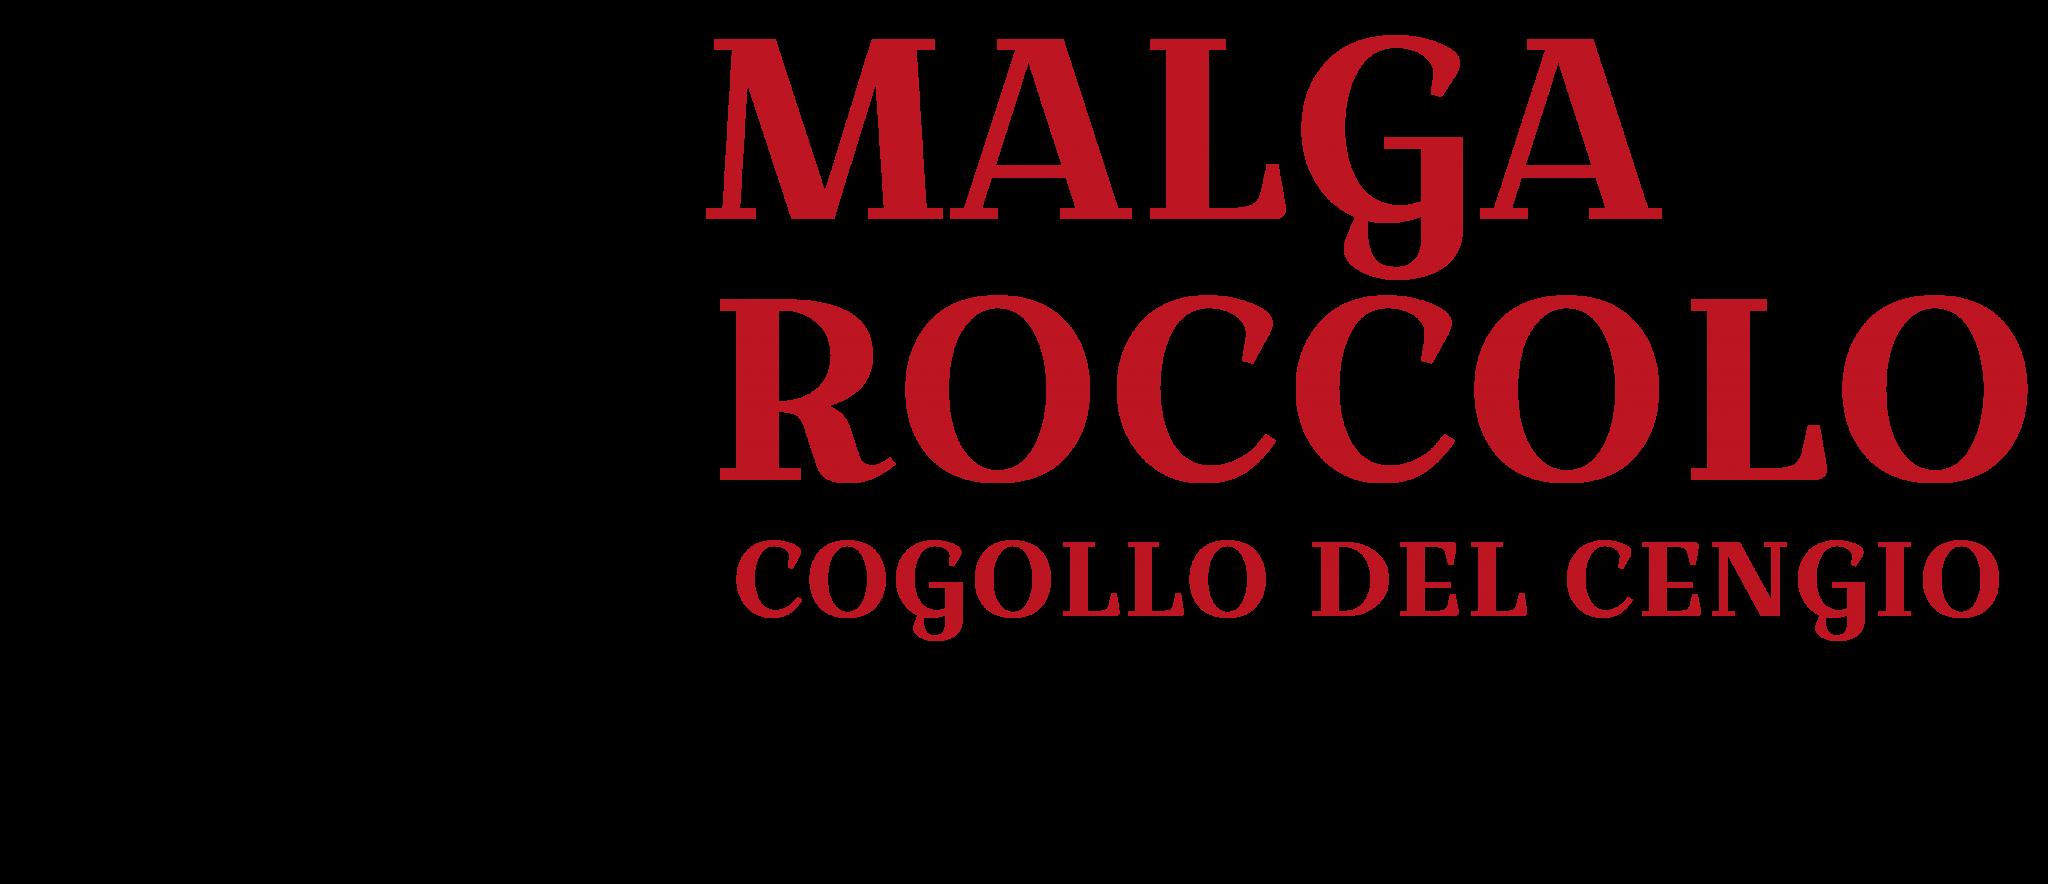 Malga Roccolo